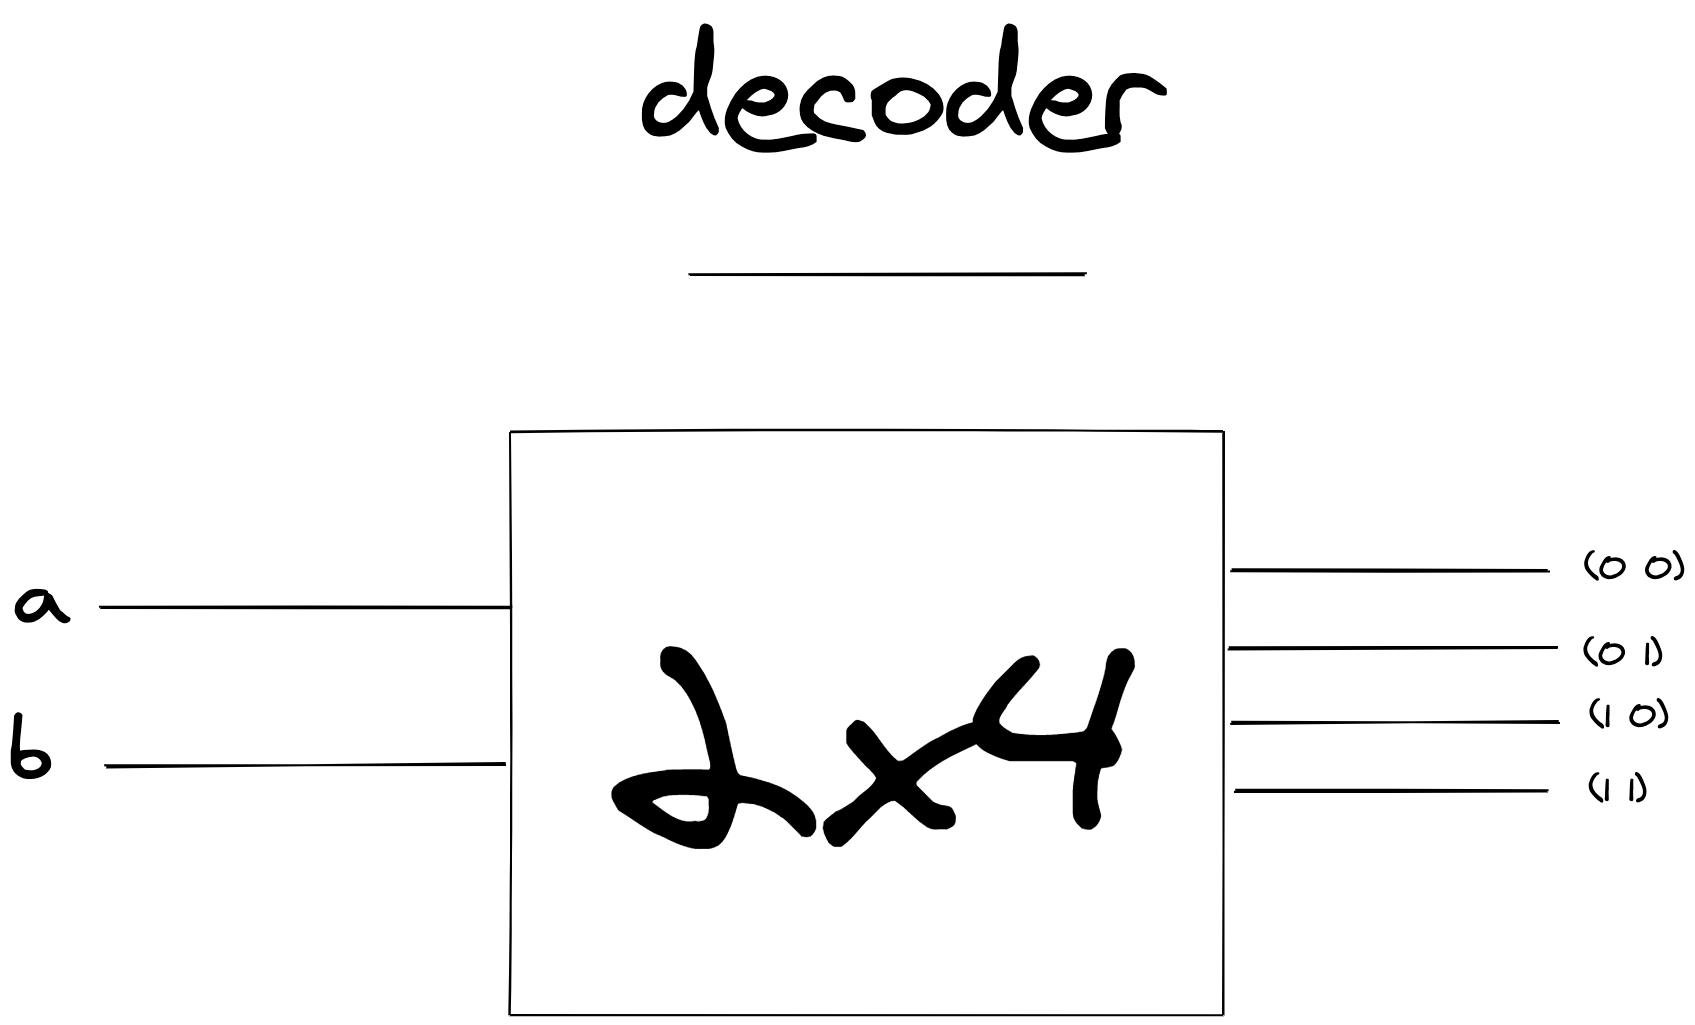 umair-akbar-aHR0cHM6Ly91c2VyLWltYWdlcy5naXRodWJ1c2VyY29udGVudC5jb20vOTg0NTc0Lzk1Nzc2OTgzLTU0NWM2ODAwLTBjOTMtMTFlYi05YTM1LWFkNjVmYjVlYjQxZC5wbmc - Simulating RAM in Clojure